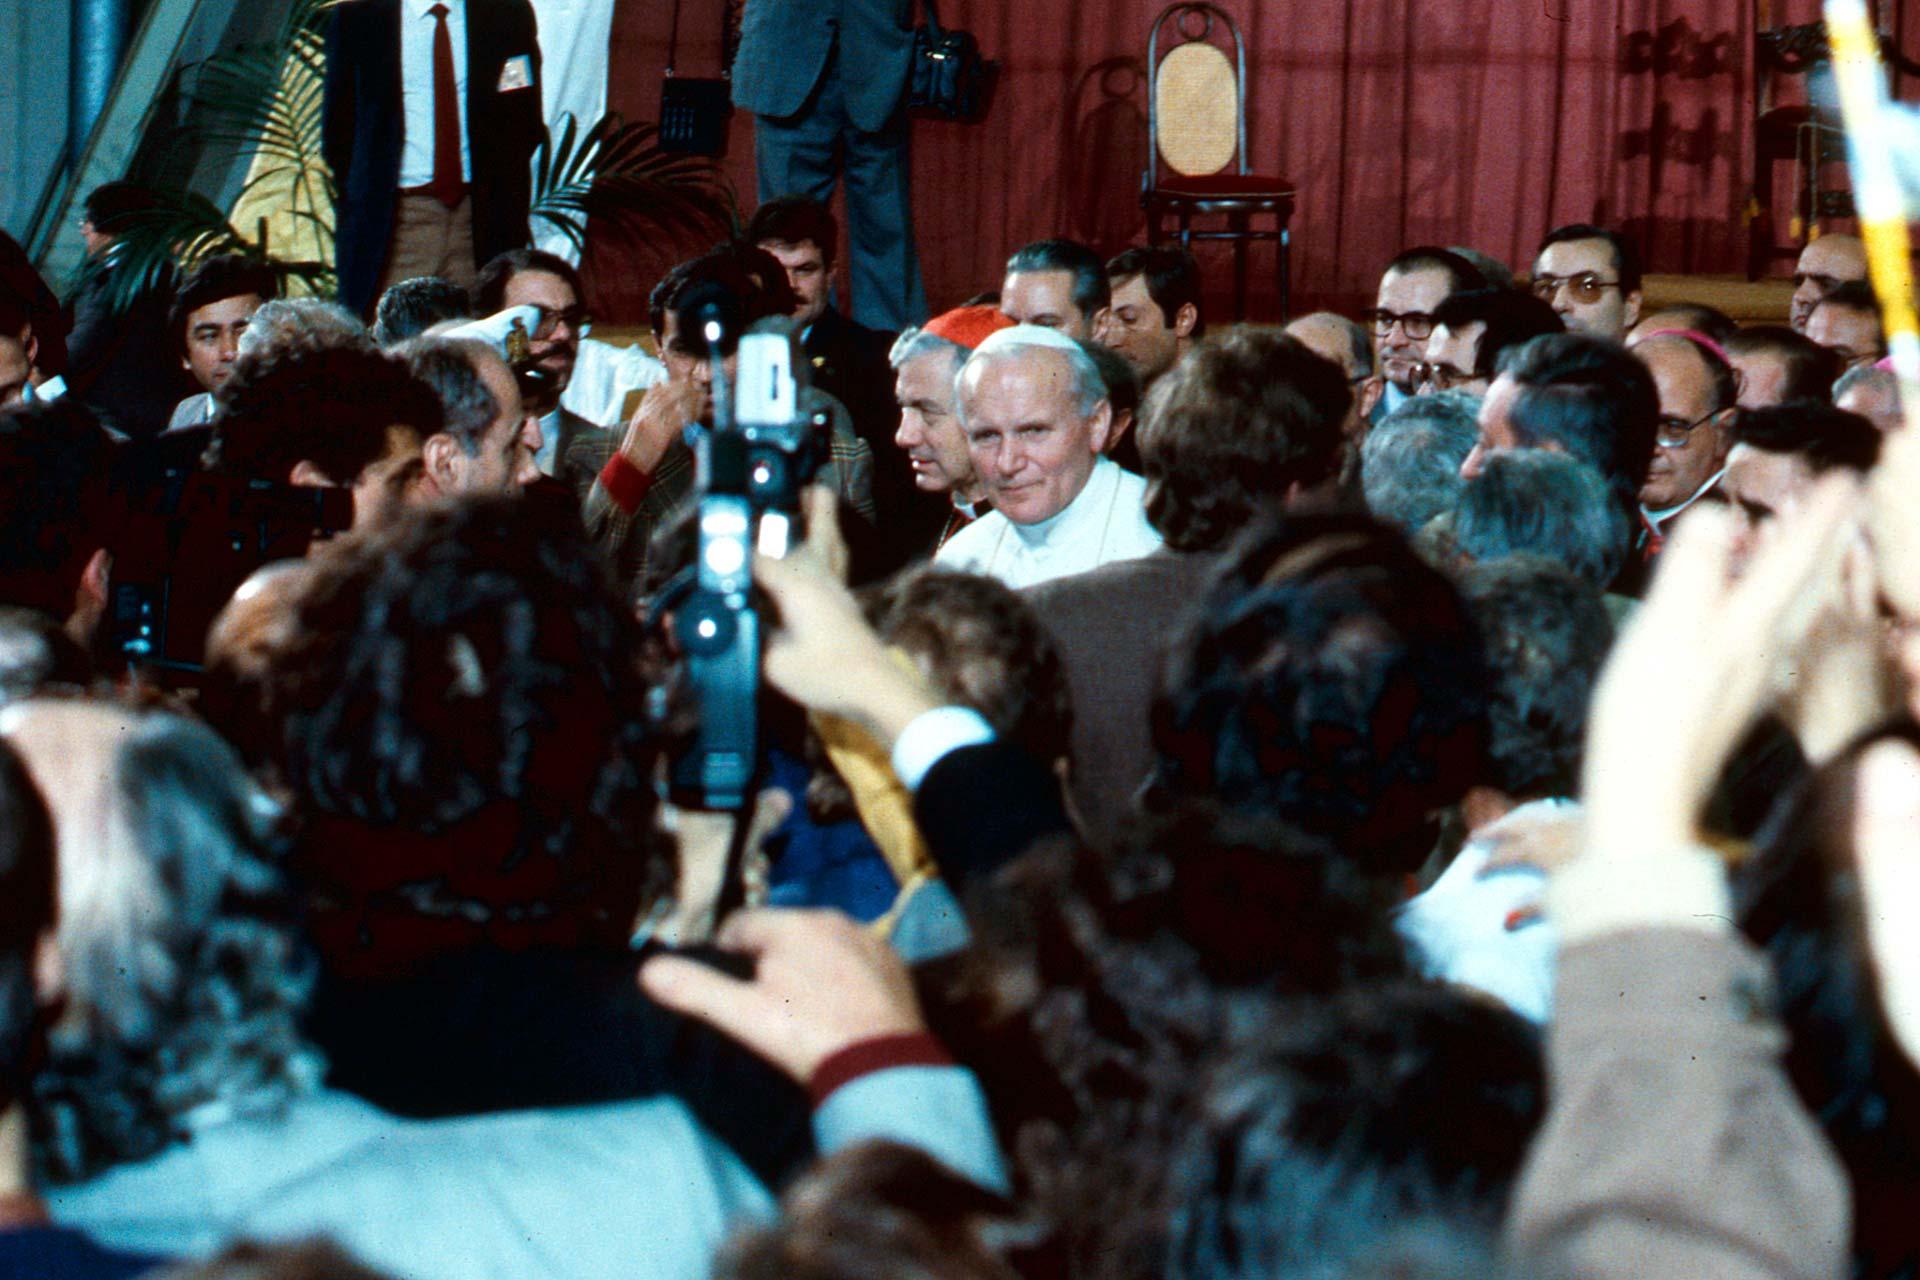 Il Papa porge i saluti e parla agli operai e ai dirigenti del Cantiere Navale di Palermo con parole ferme e piene di coraggio.